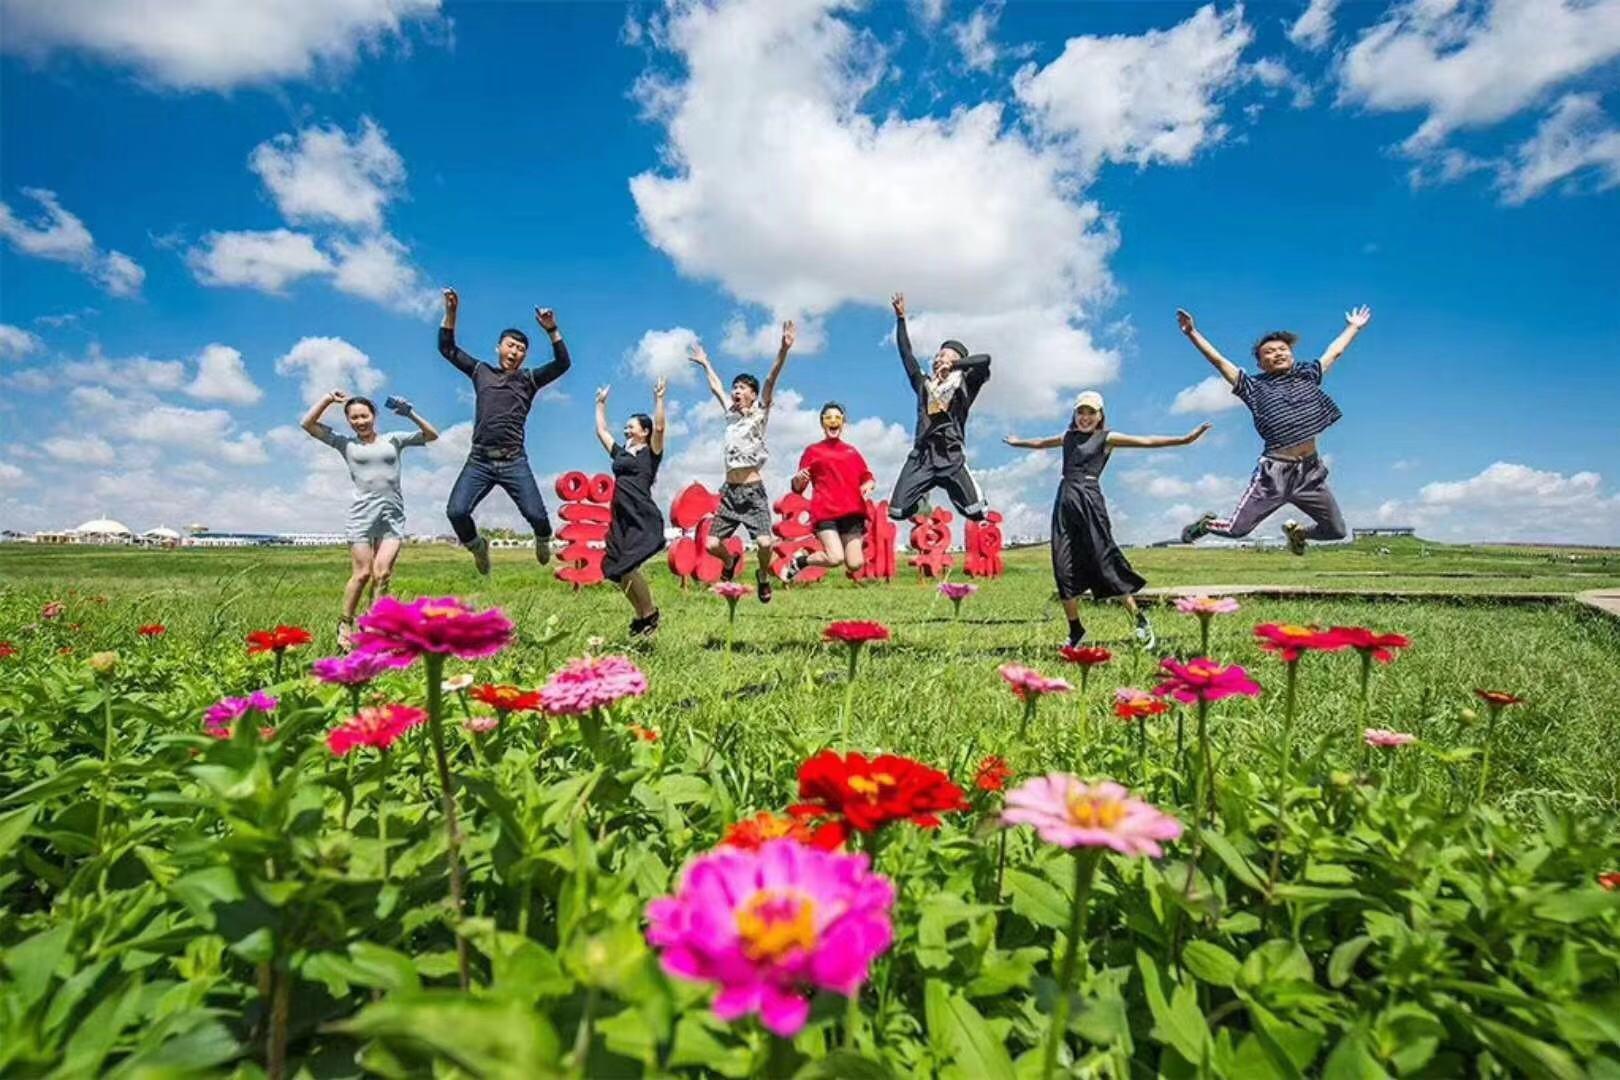 鄂尔多斯大草原、夜鸣沙、万家惠水世界5日双飞跟团游[暑假预售] 住沙漠腹地酒店 度假蒙古包 最佳观星地